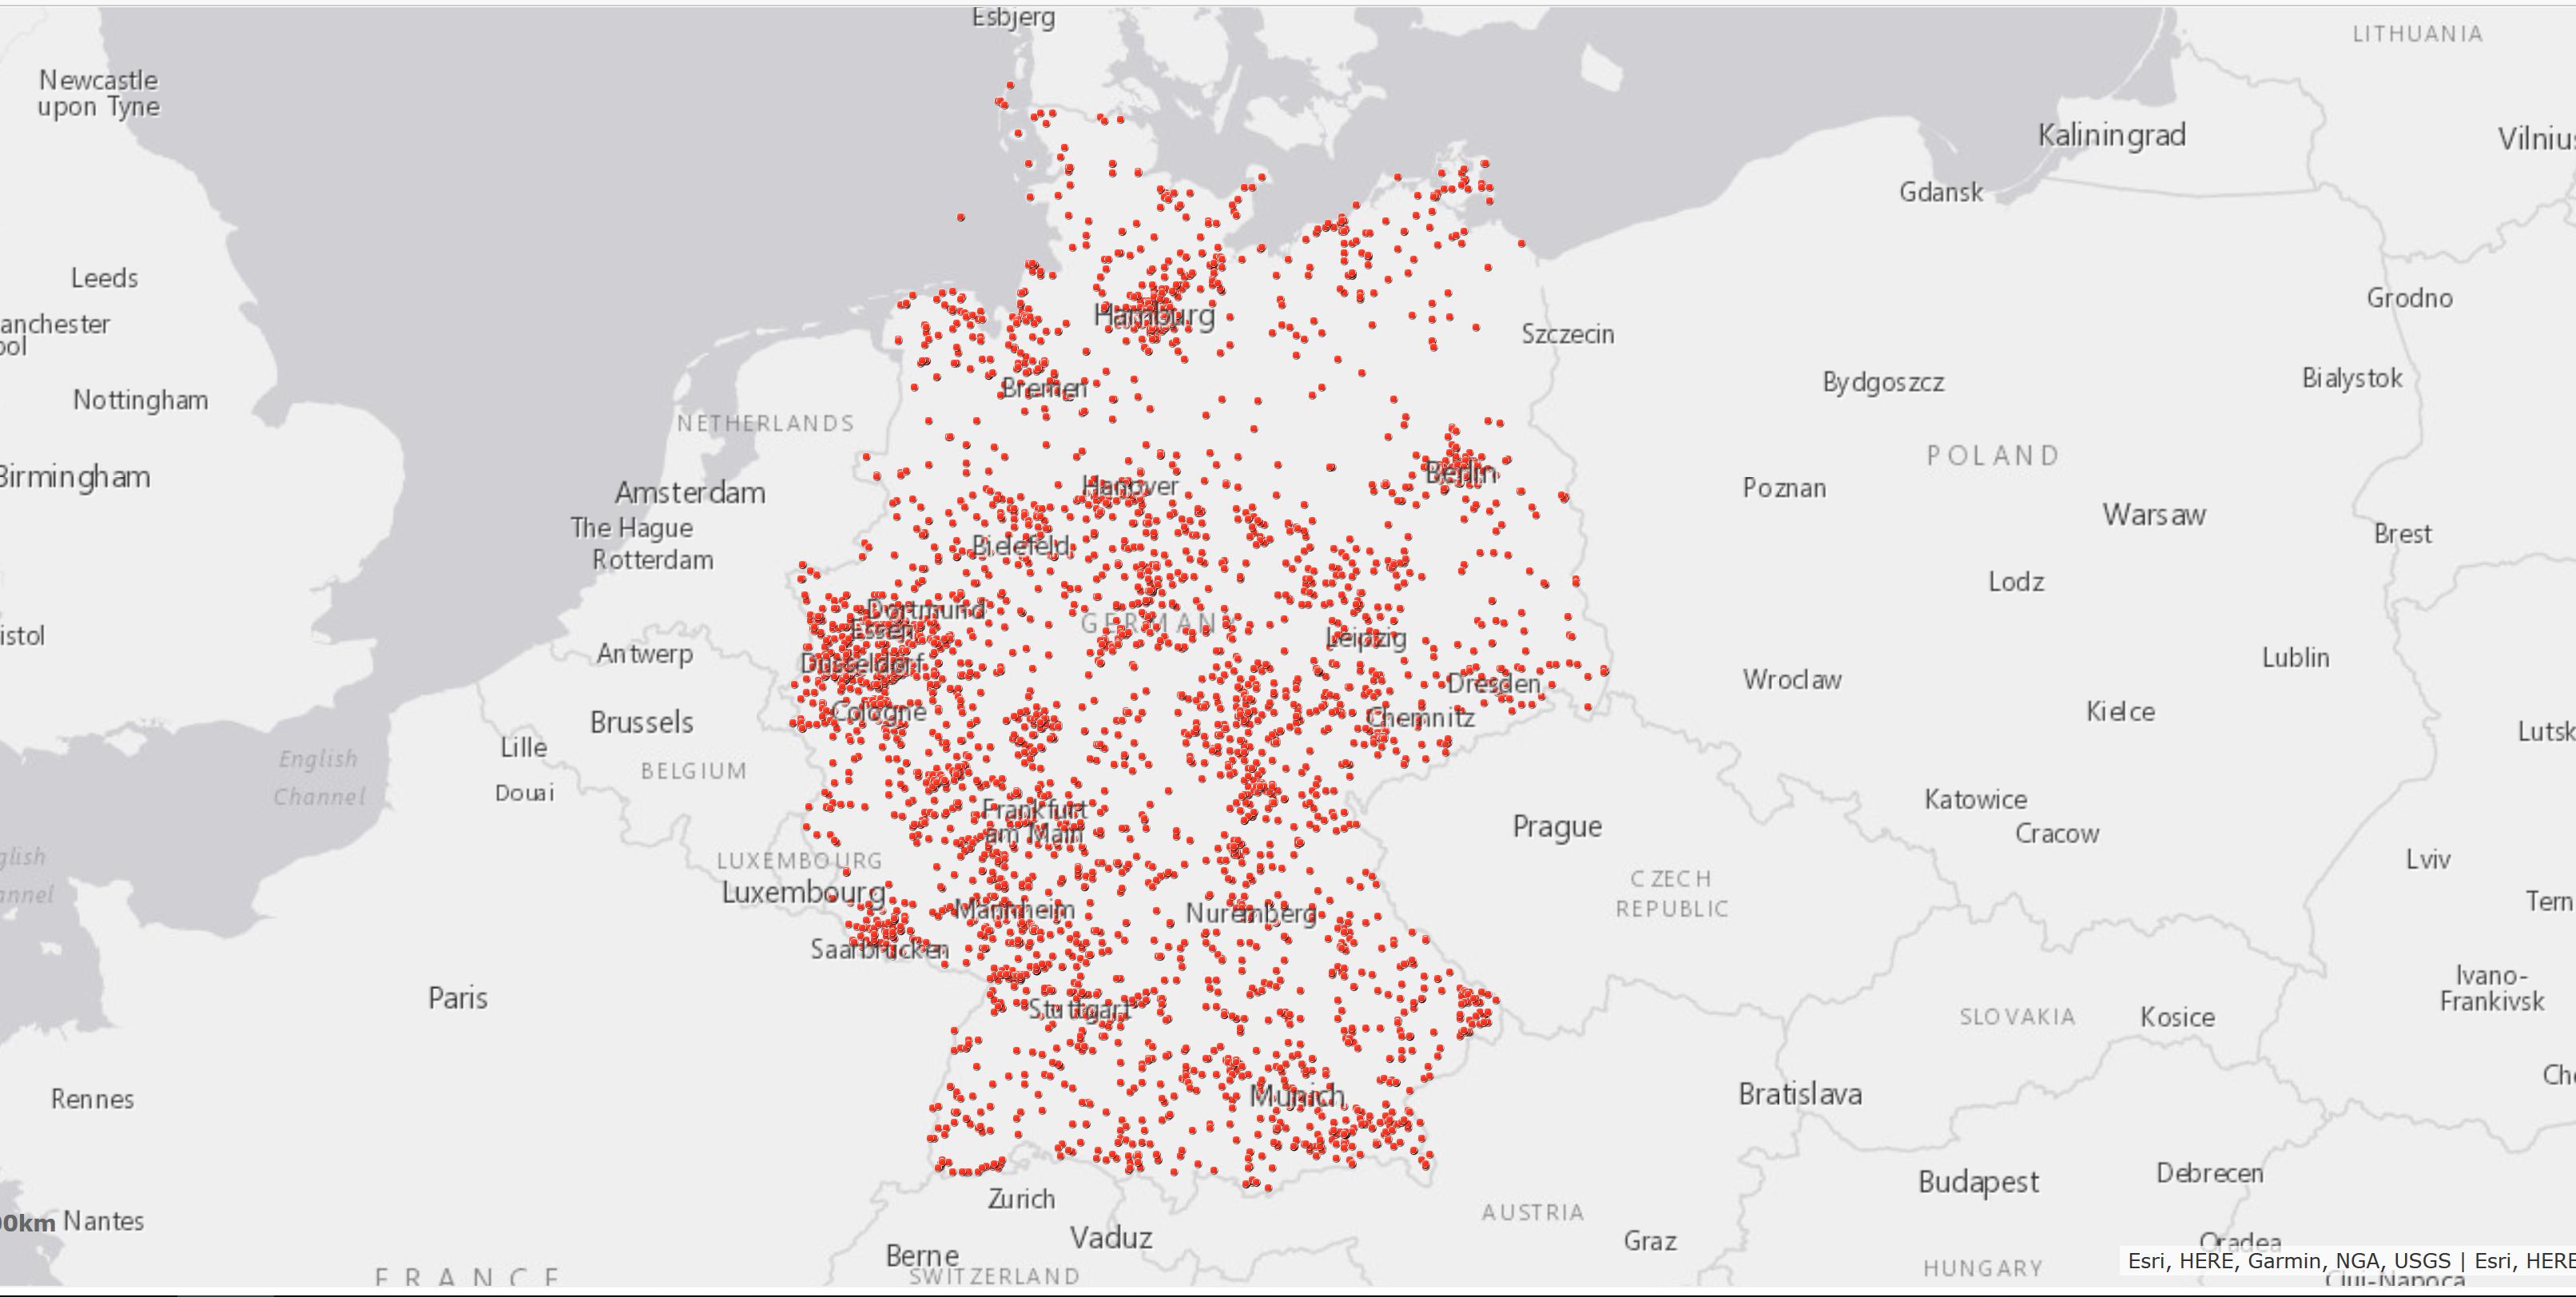 Bild: Verbreitung der App DIVERA 24/7 bei Freiwilligen Feuerwehren und Hilfsorganisationen in Deutschland